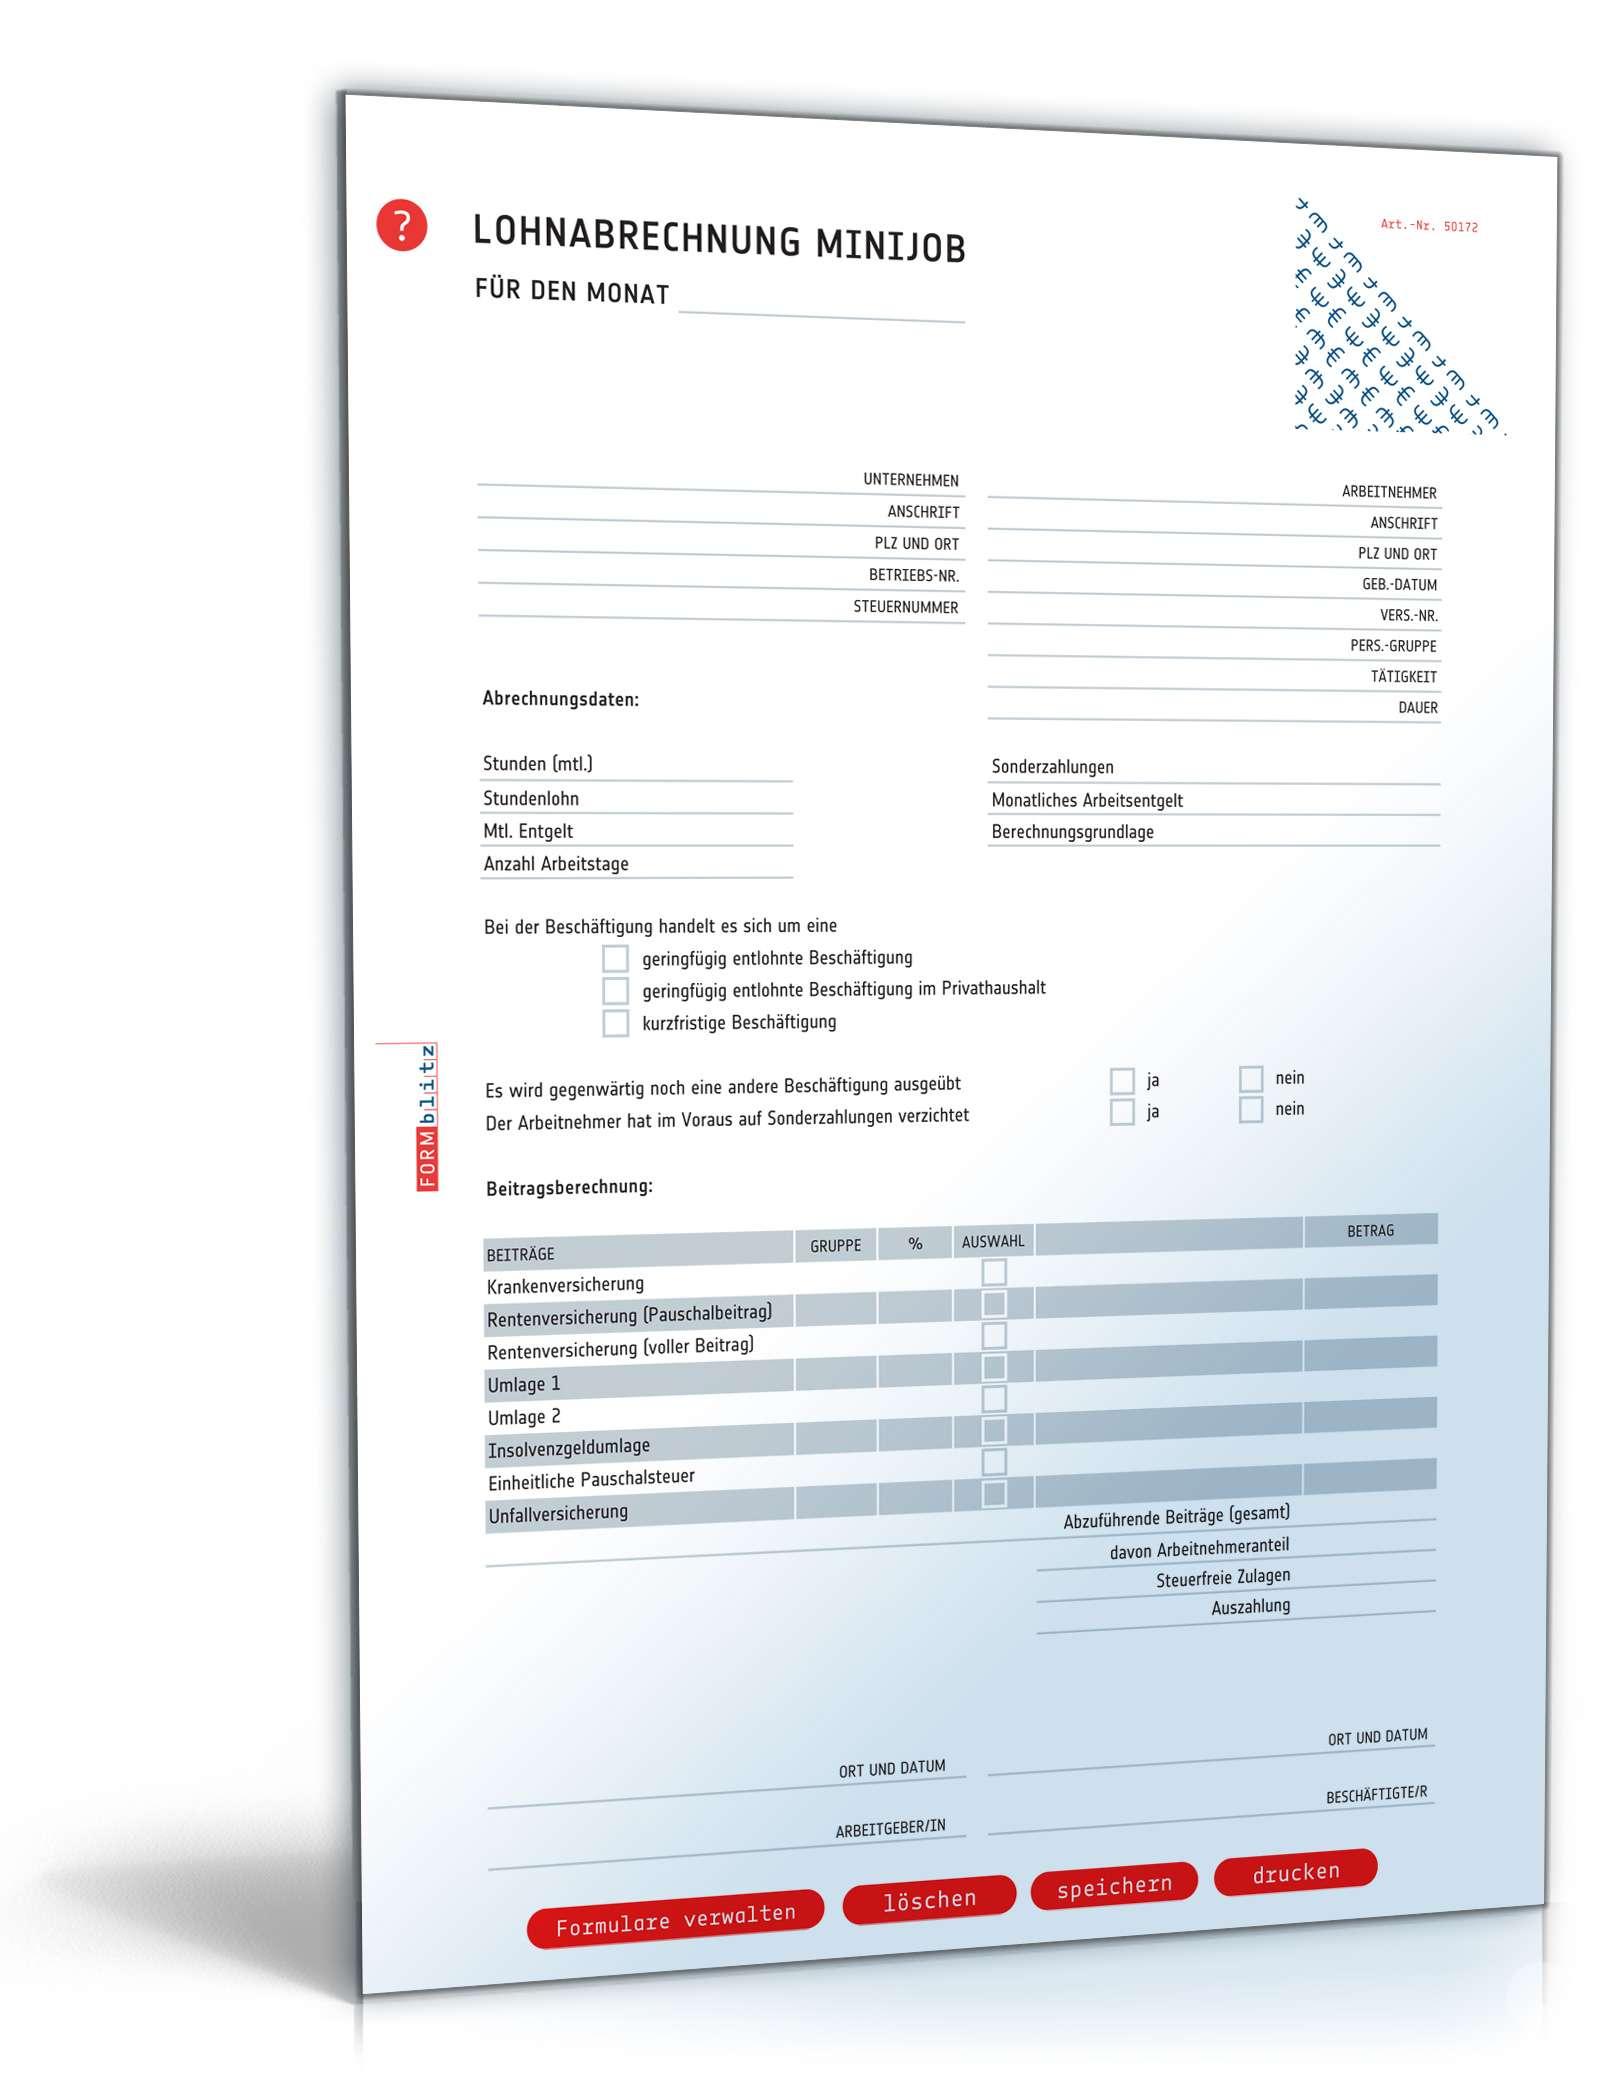 Download Archiv • Vorlagen (Kostenlos) » Dokumente & Vorlagen